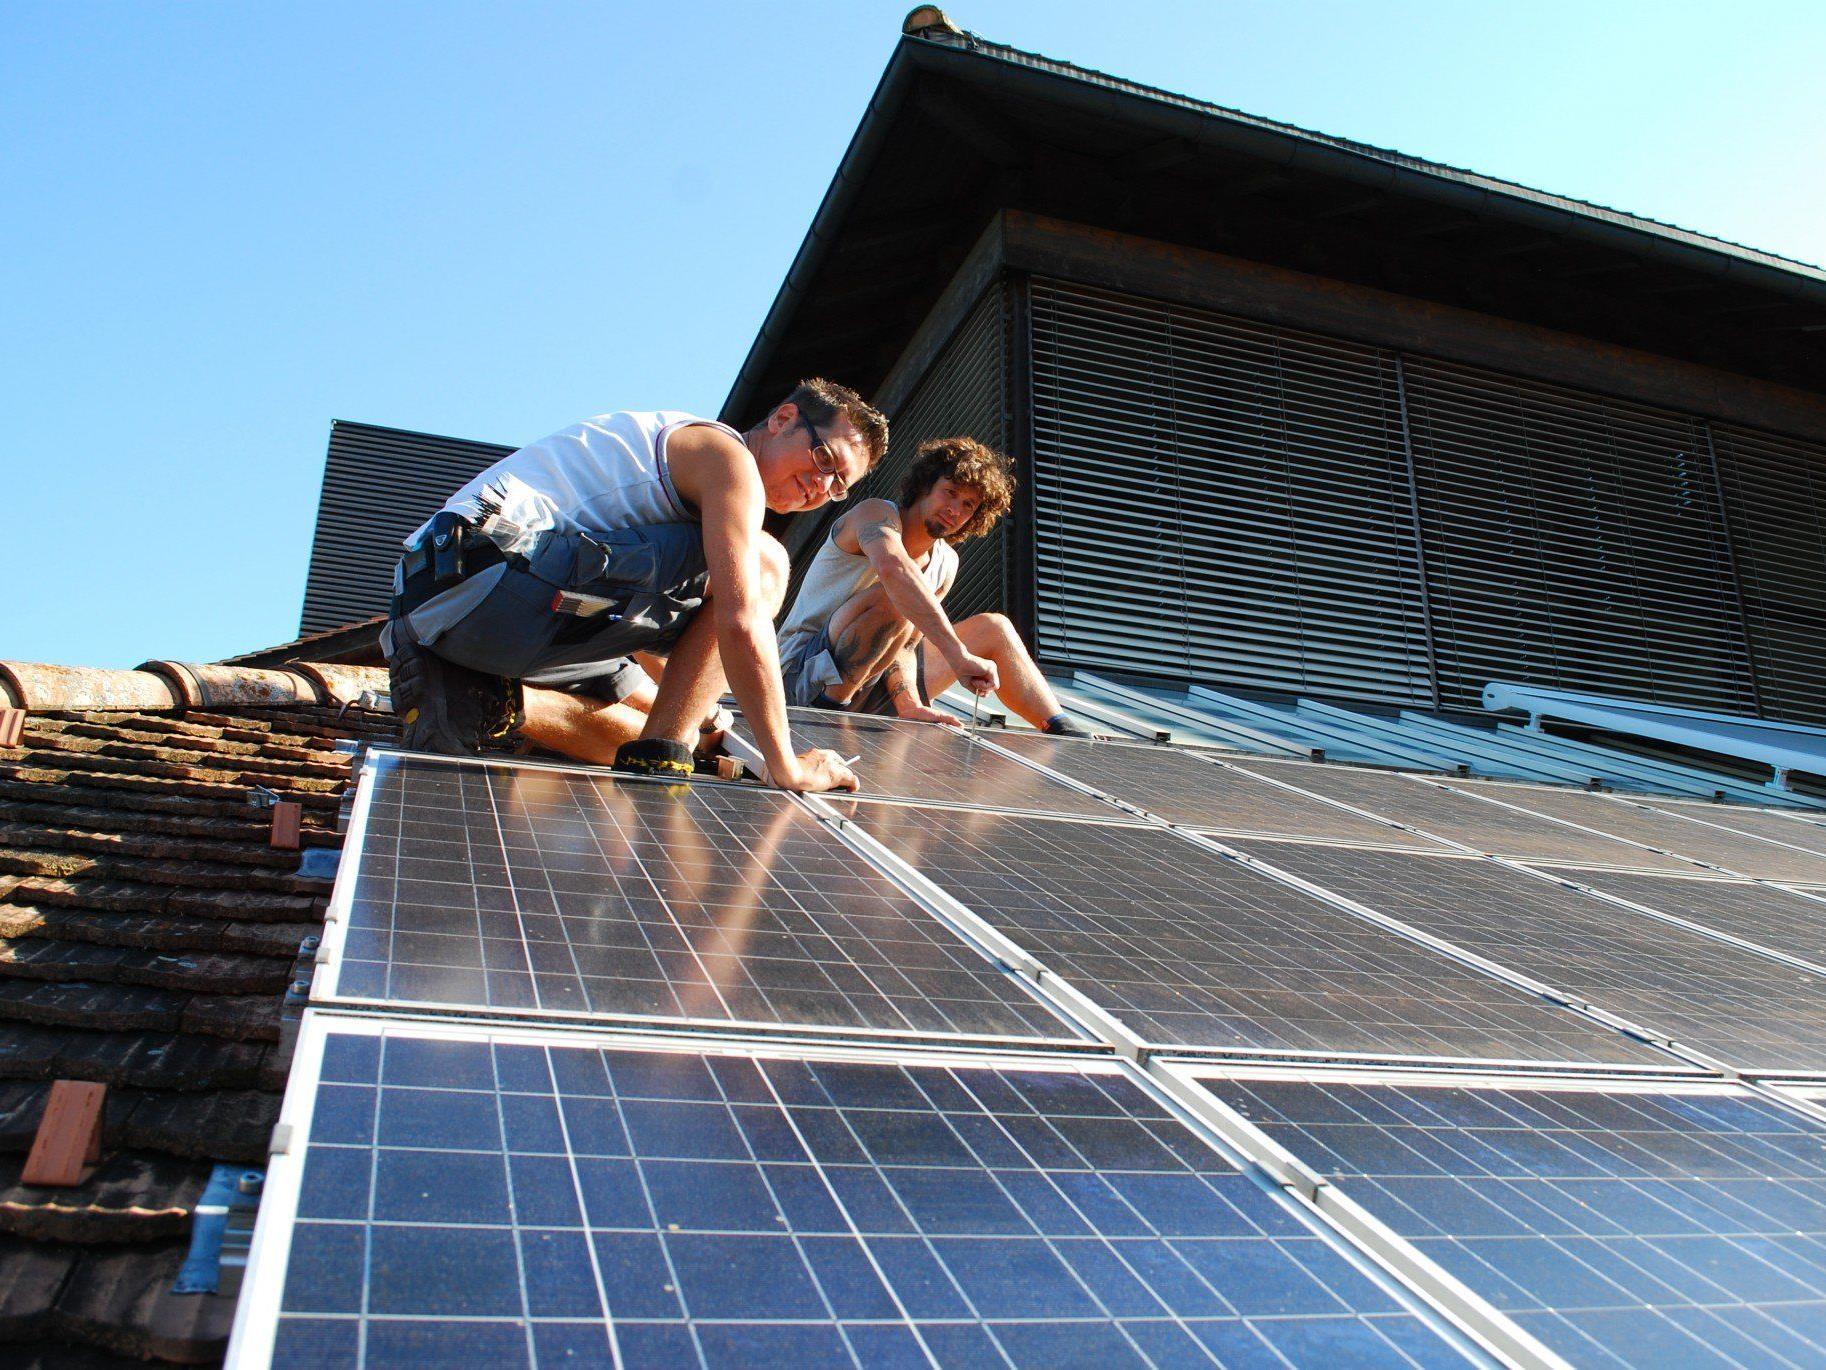 Informationsabend zur Sonnenenergie: Montag, 28. April, 20.00 Uhr, Vinomnasaal Rankweil